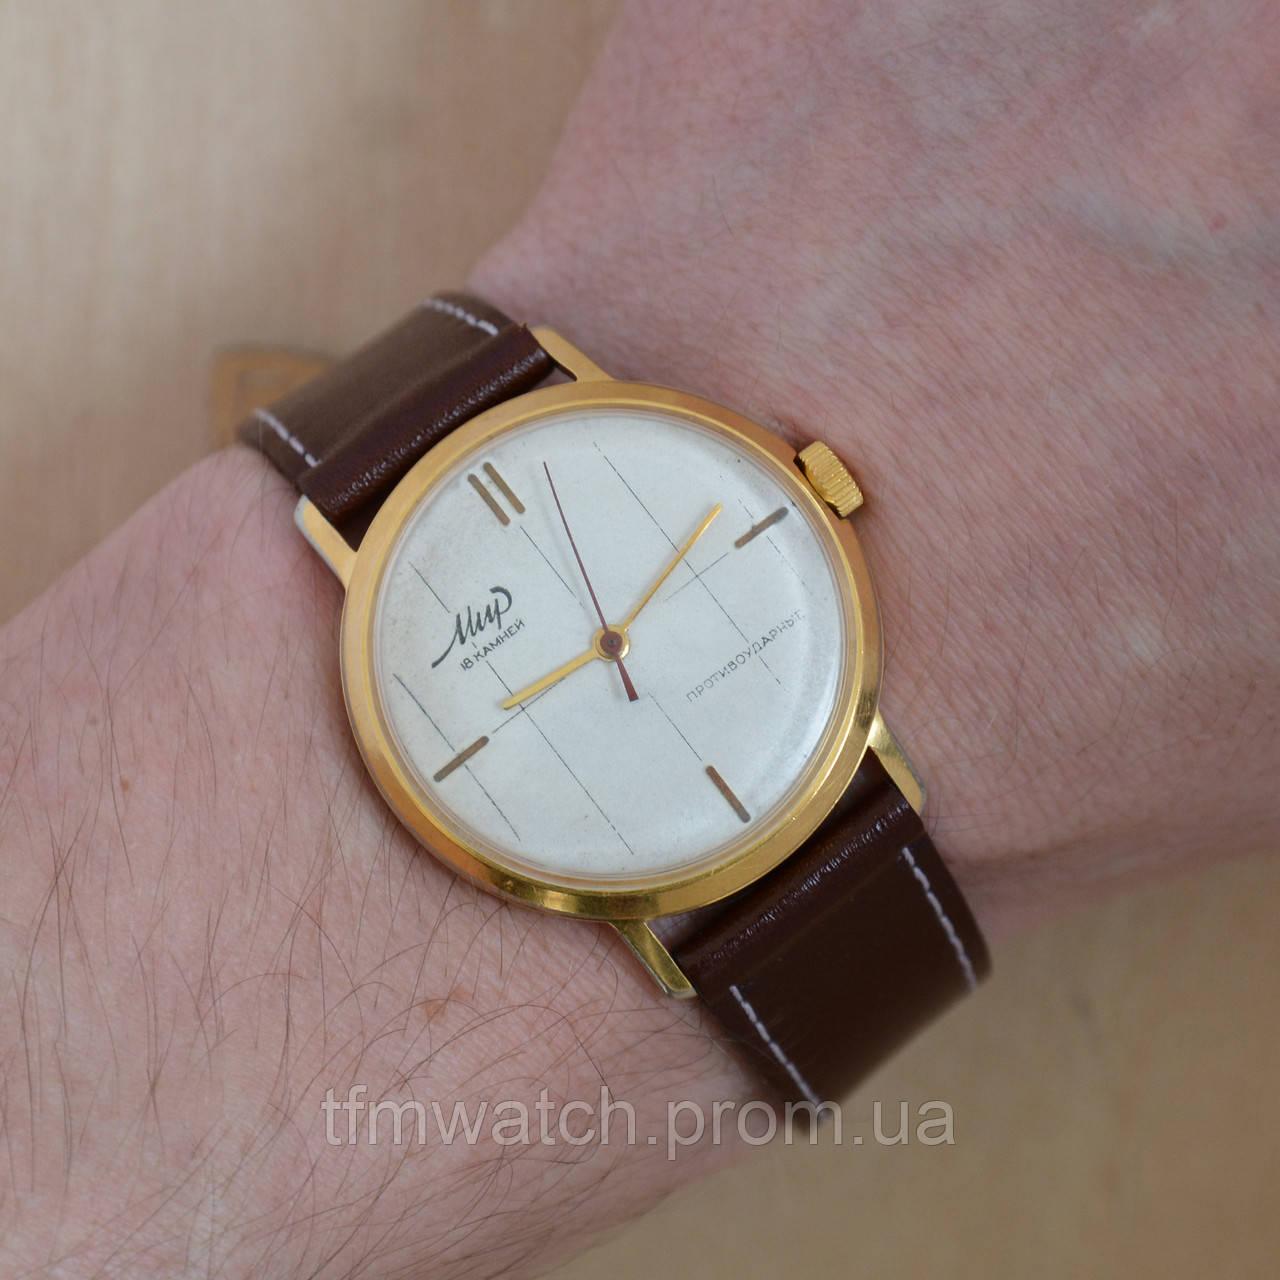 f0a7705a Мир наручные механические часы СССР - Магазин старинных, винтажных и  антикварных часов TFMwatch в России